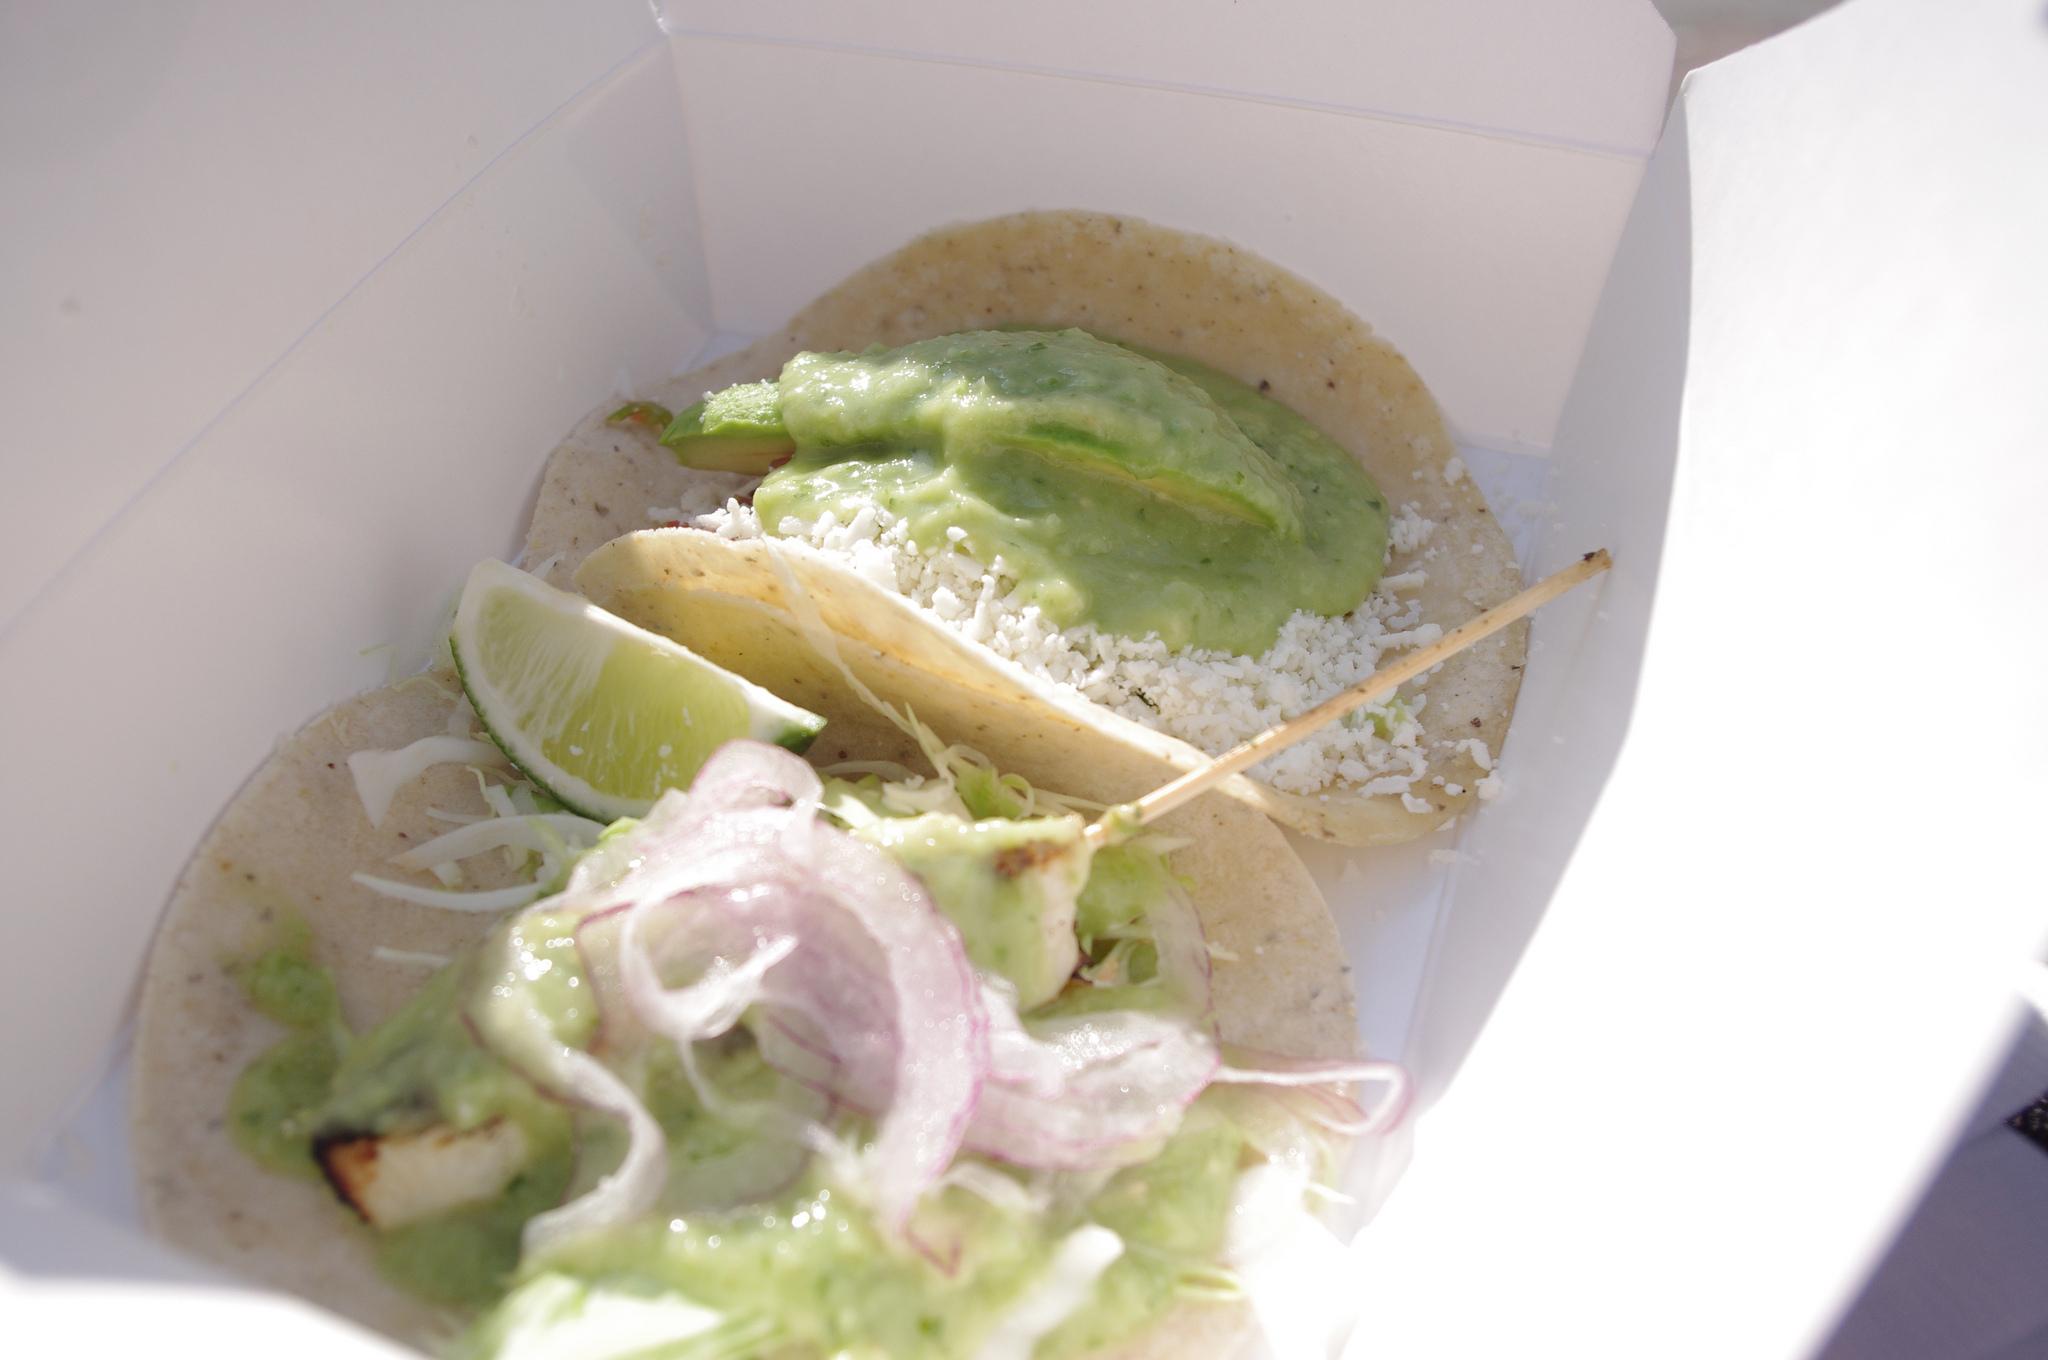 Fish & Veggie tacos at La Esquina Corner Deli in New York. Photo by alphacityguides.